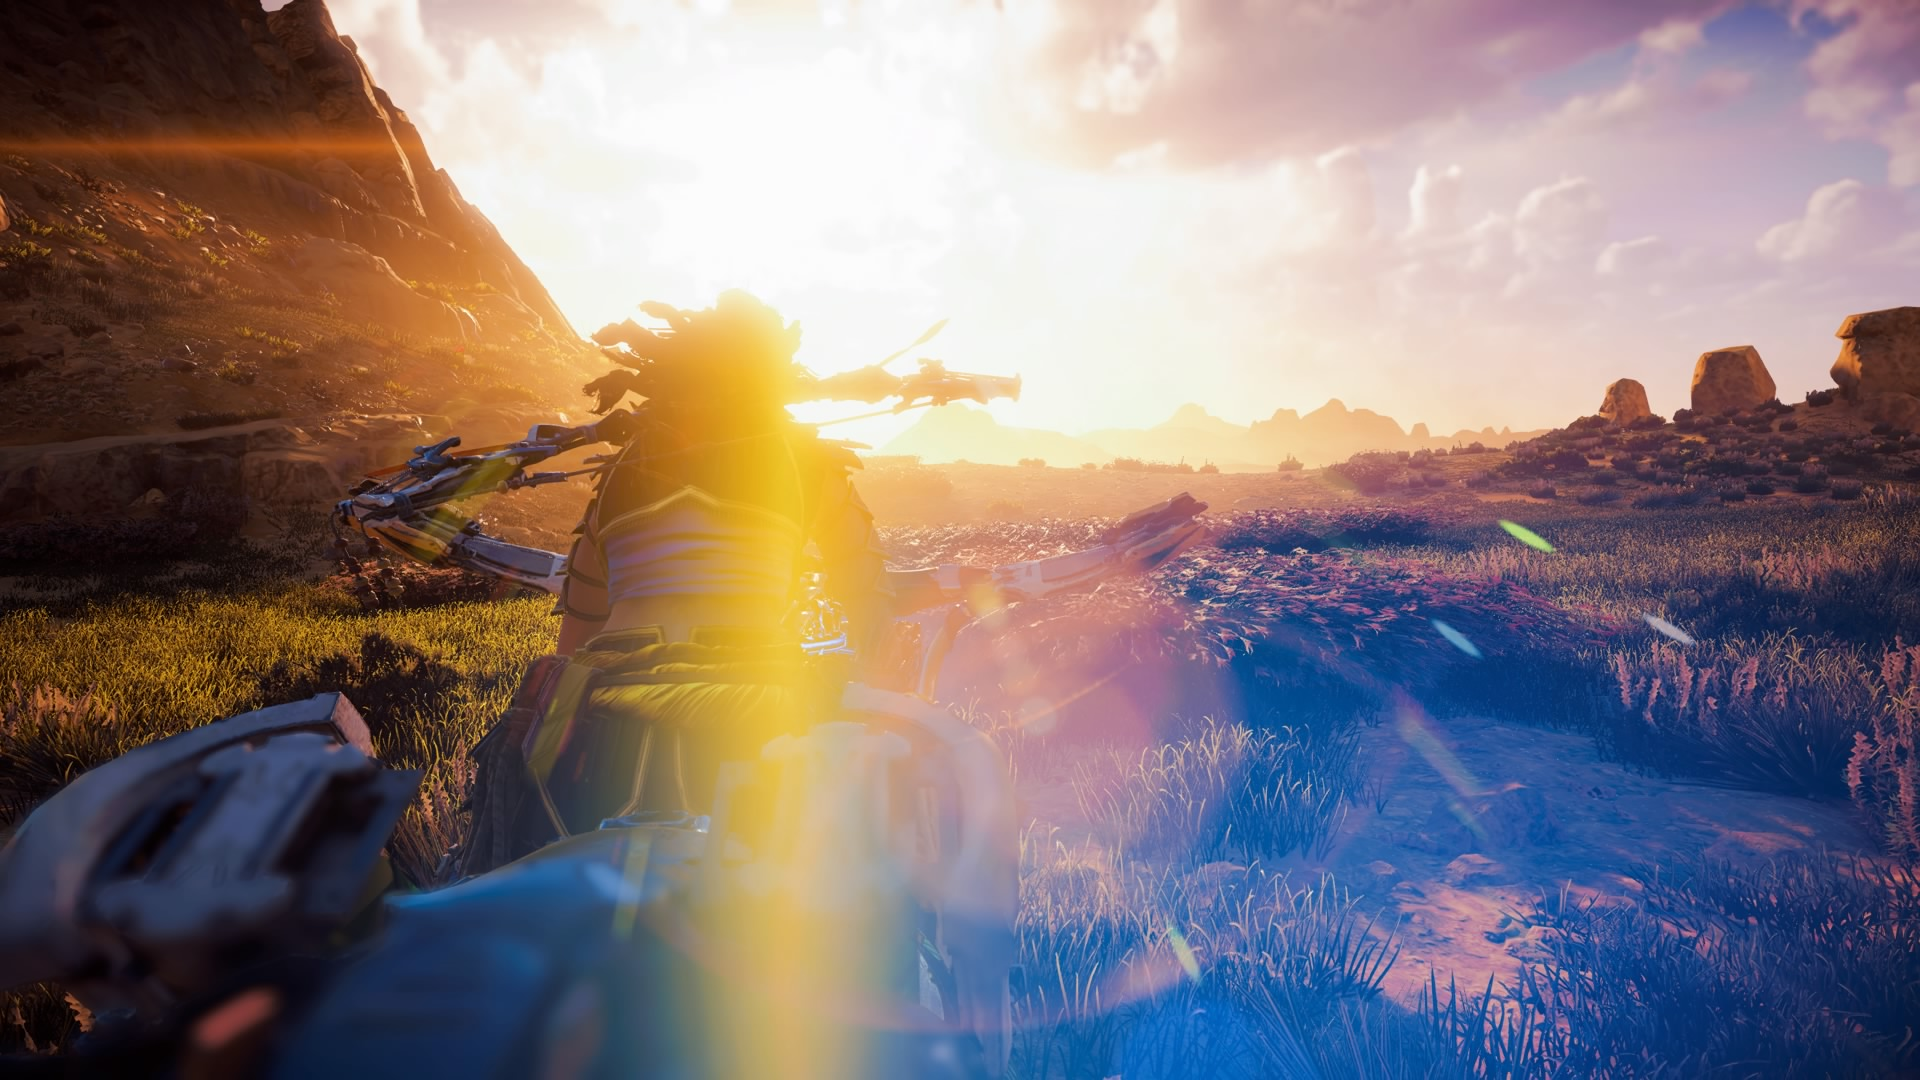 General 1920x1080 Horizon: Zero Dawn video games screen shot